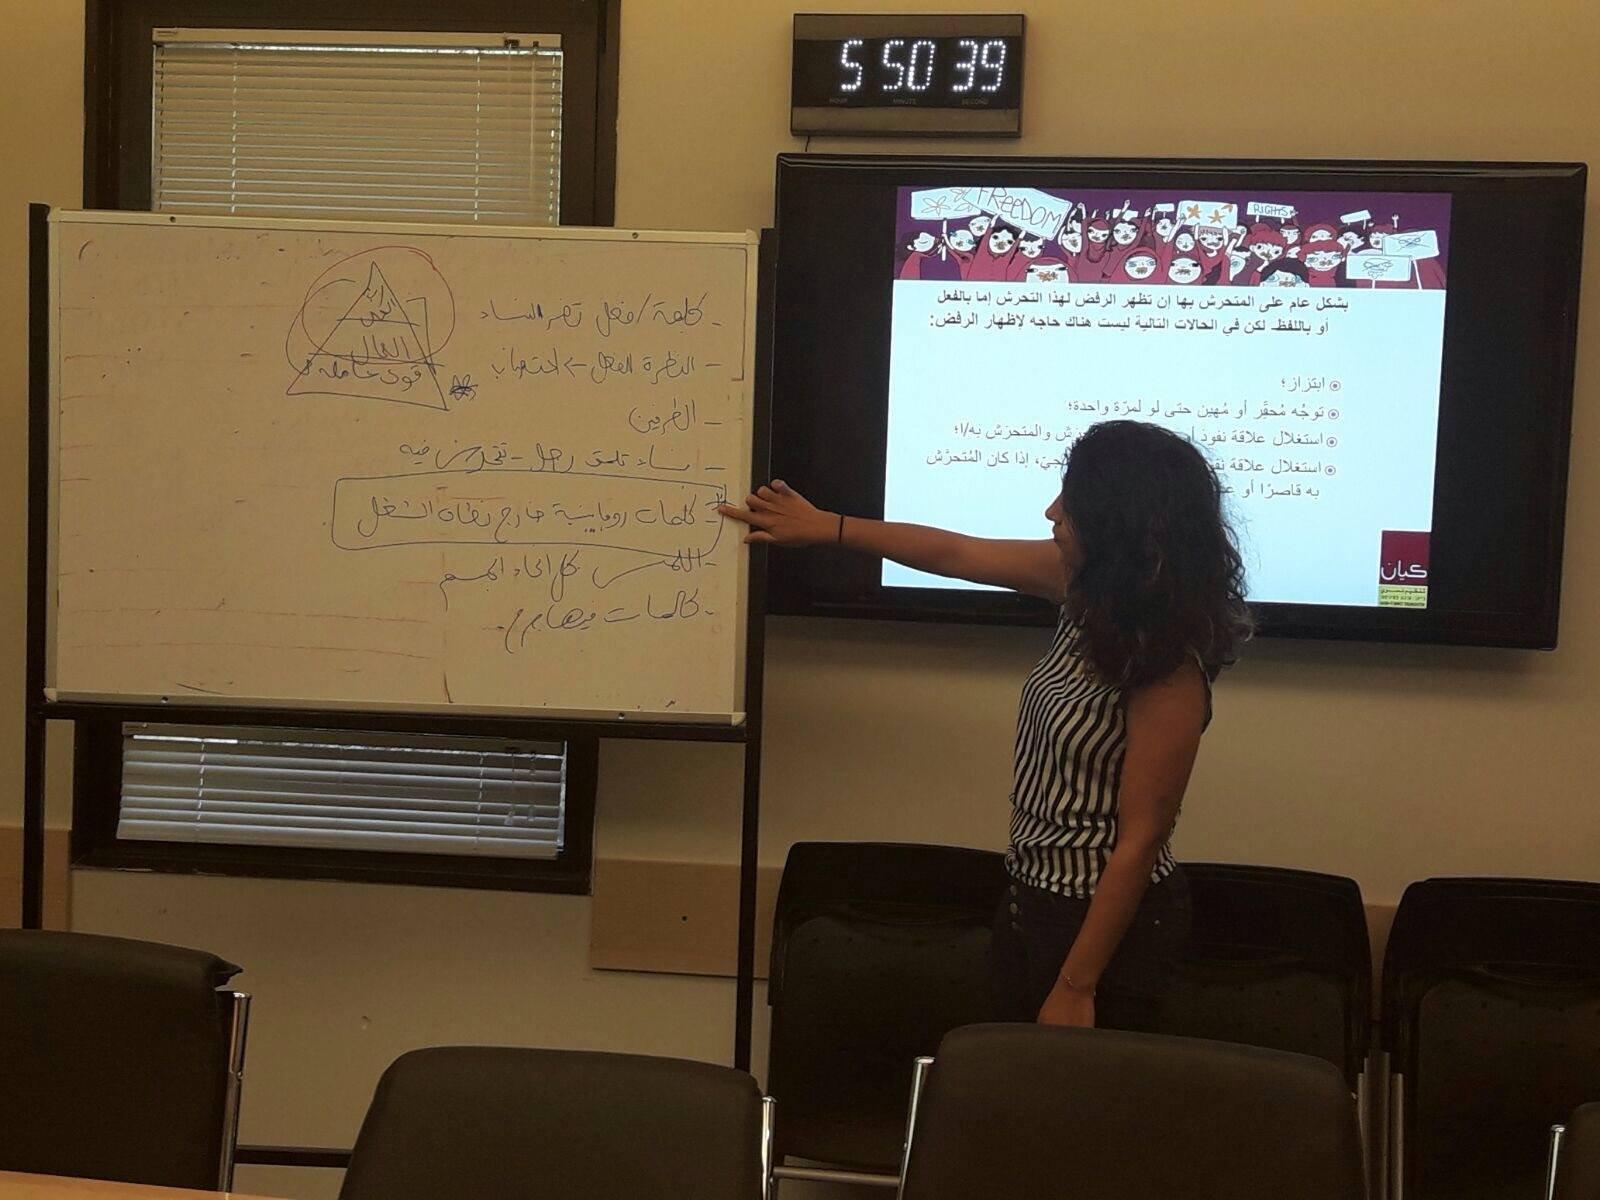 """""""كيان"""" تنظم ورشة تدريبية لموظفي القوى العاملة في مجلس التعليم العالي عن التحرش الجنسي بالعمل-0"""